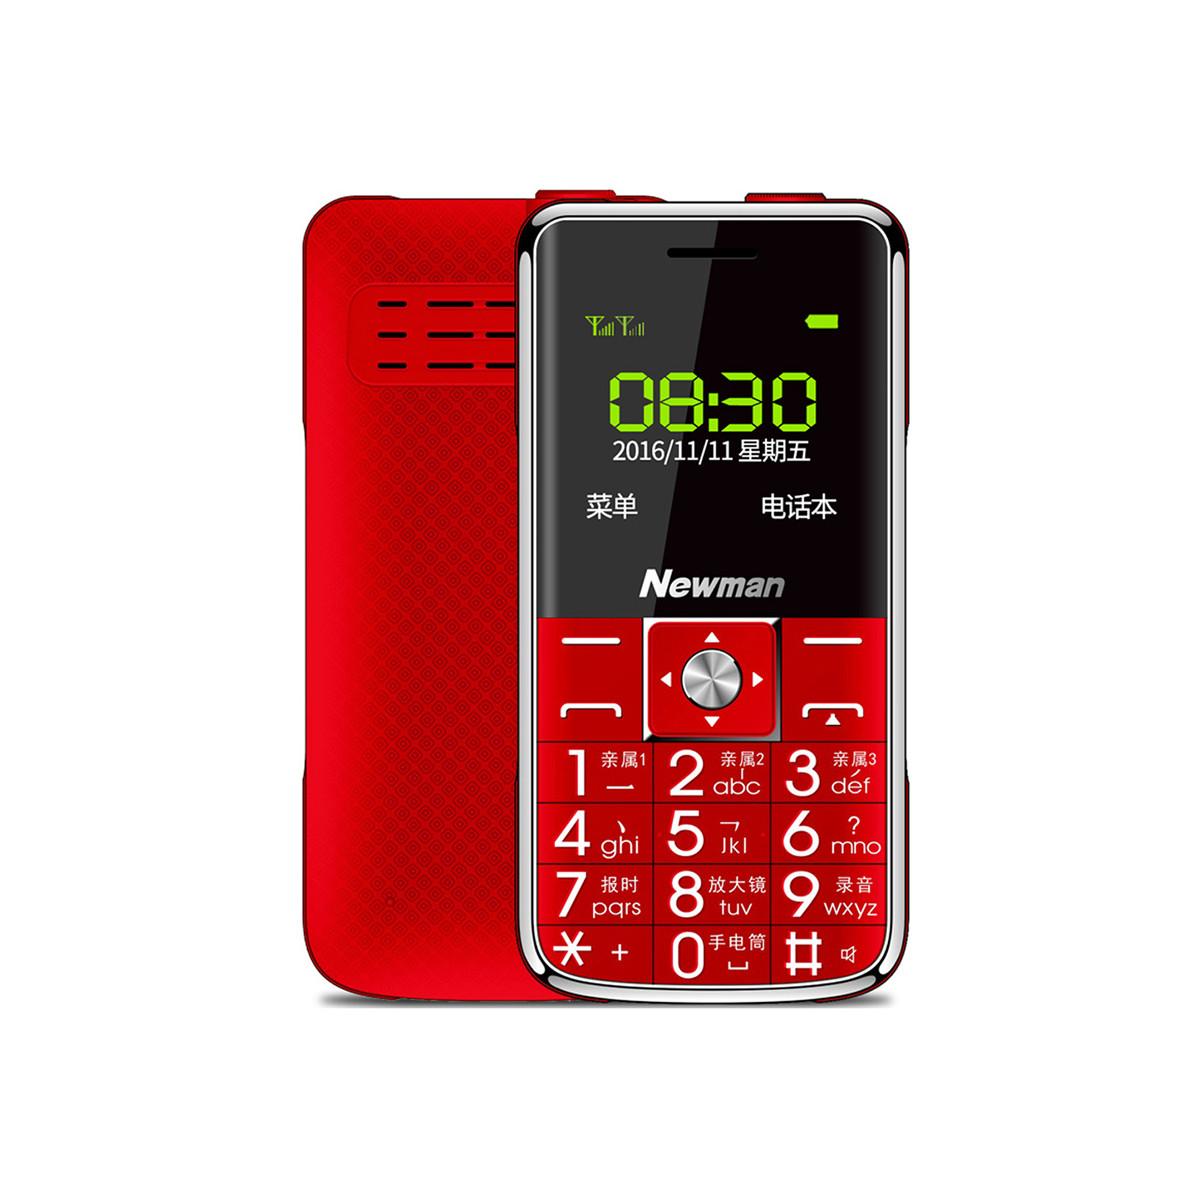 纽曼L6老人手机移动2G长待机一键求救按键学生老年手机L6红色